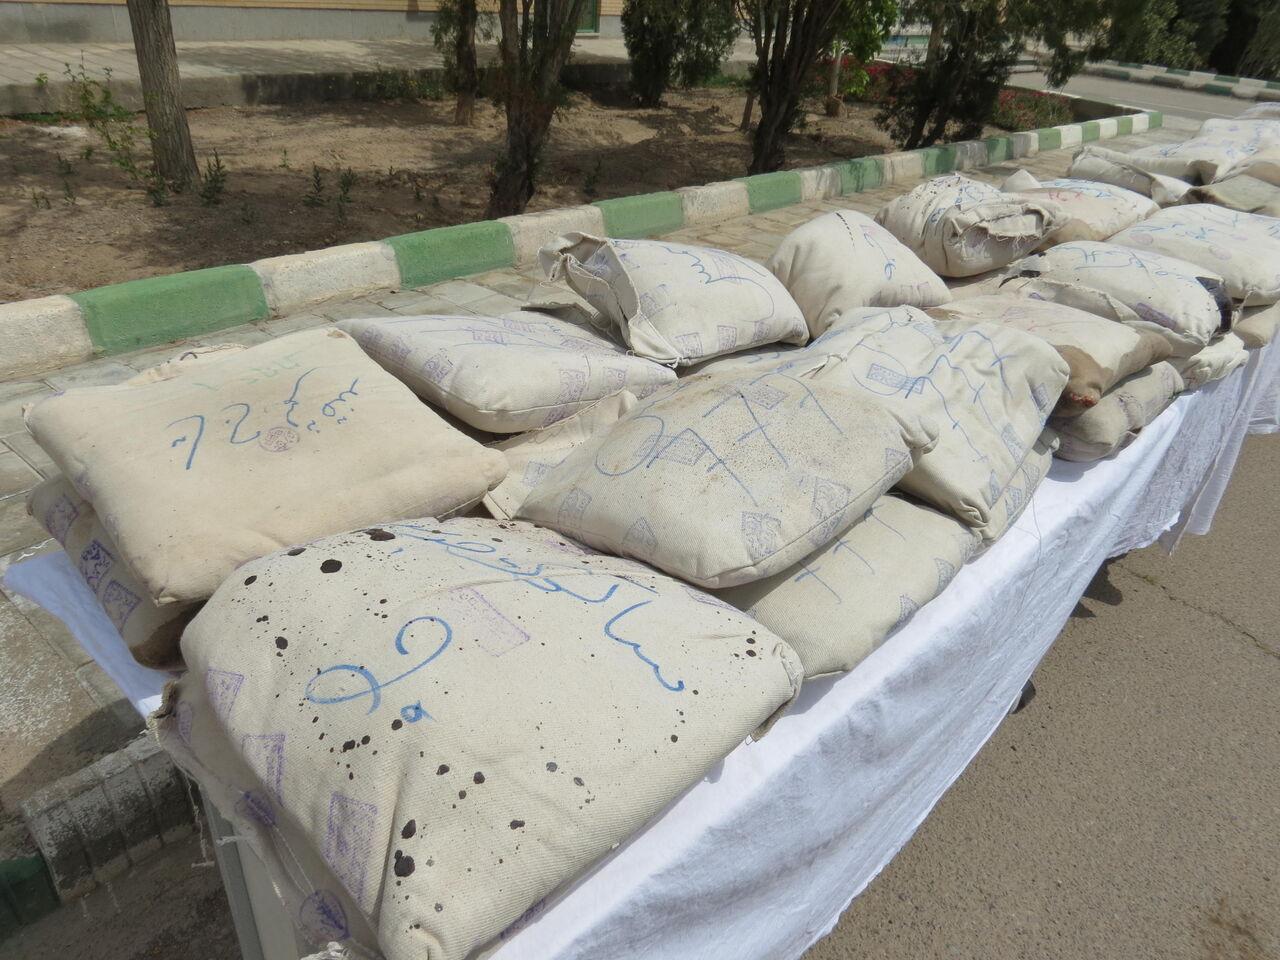 کشف ۶۱۴ کیلوگرم تریاک به همت پلیس استان سمنان